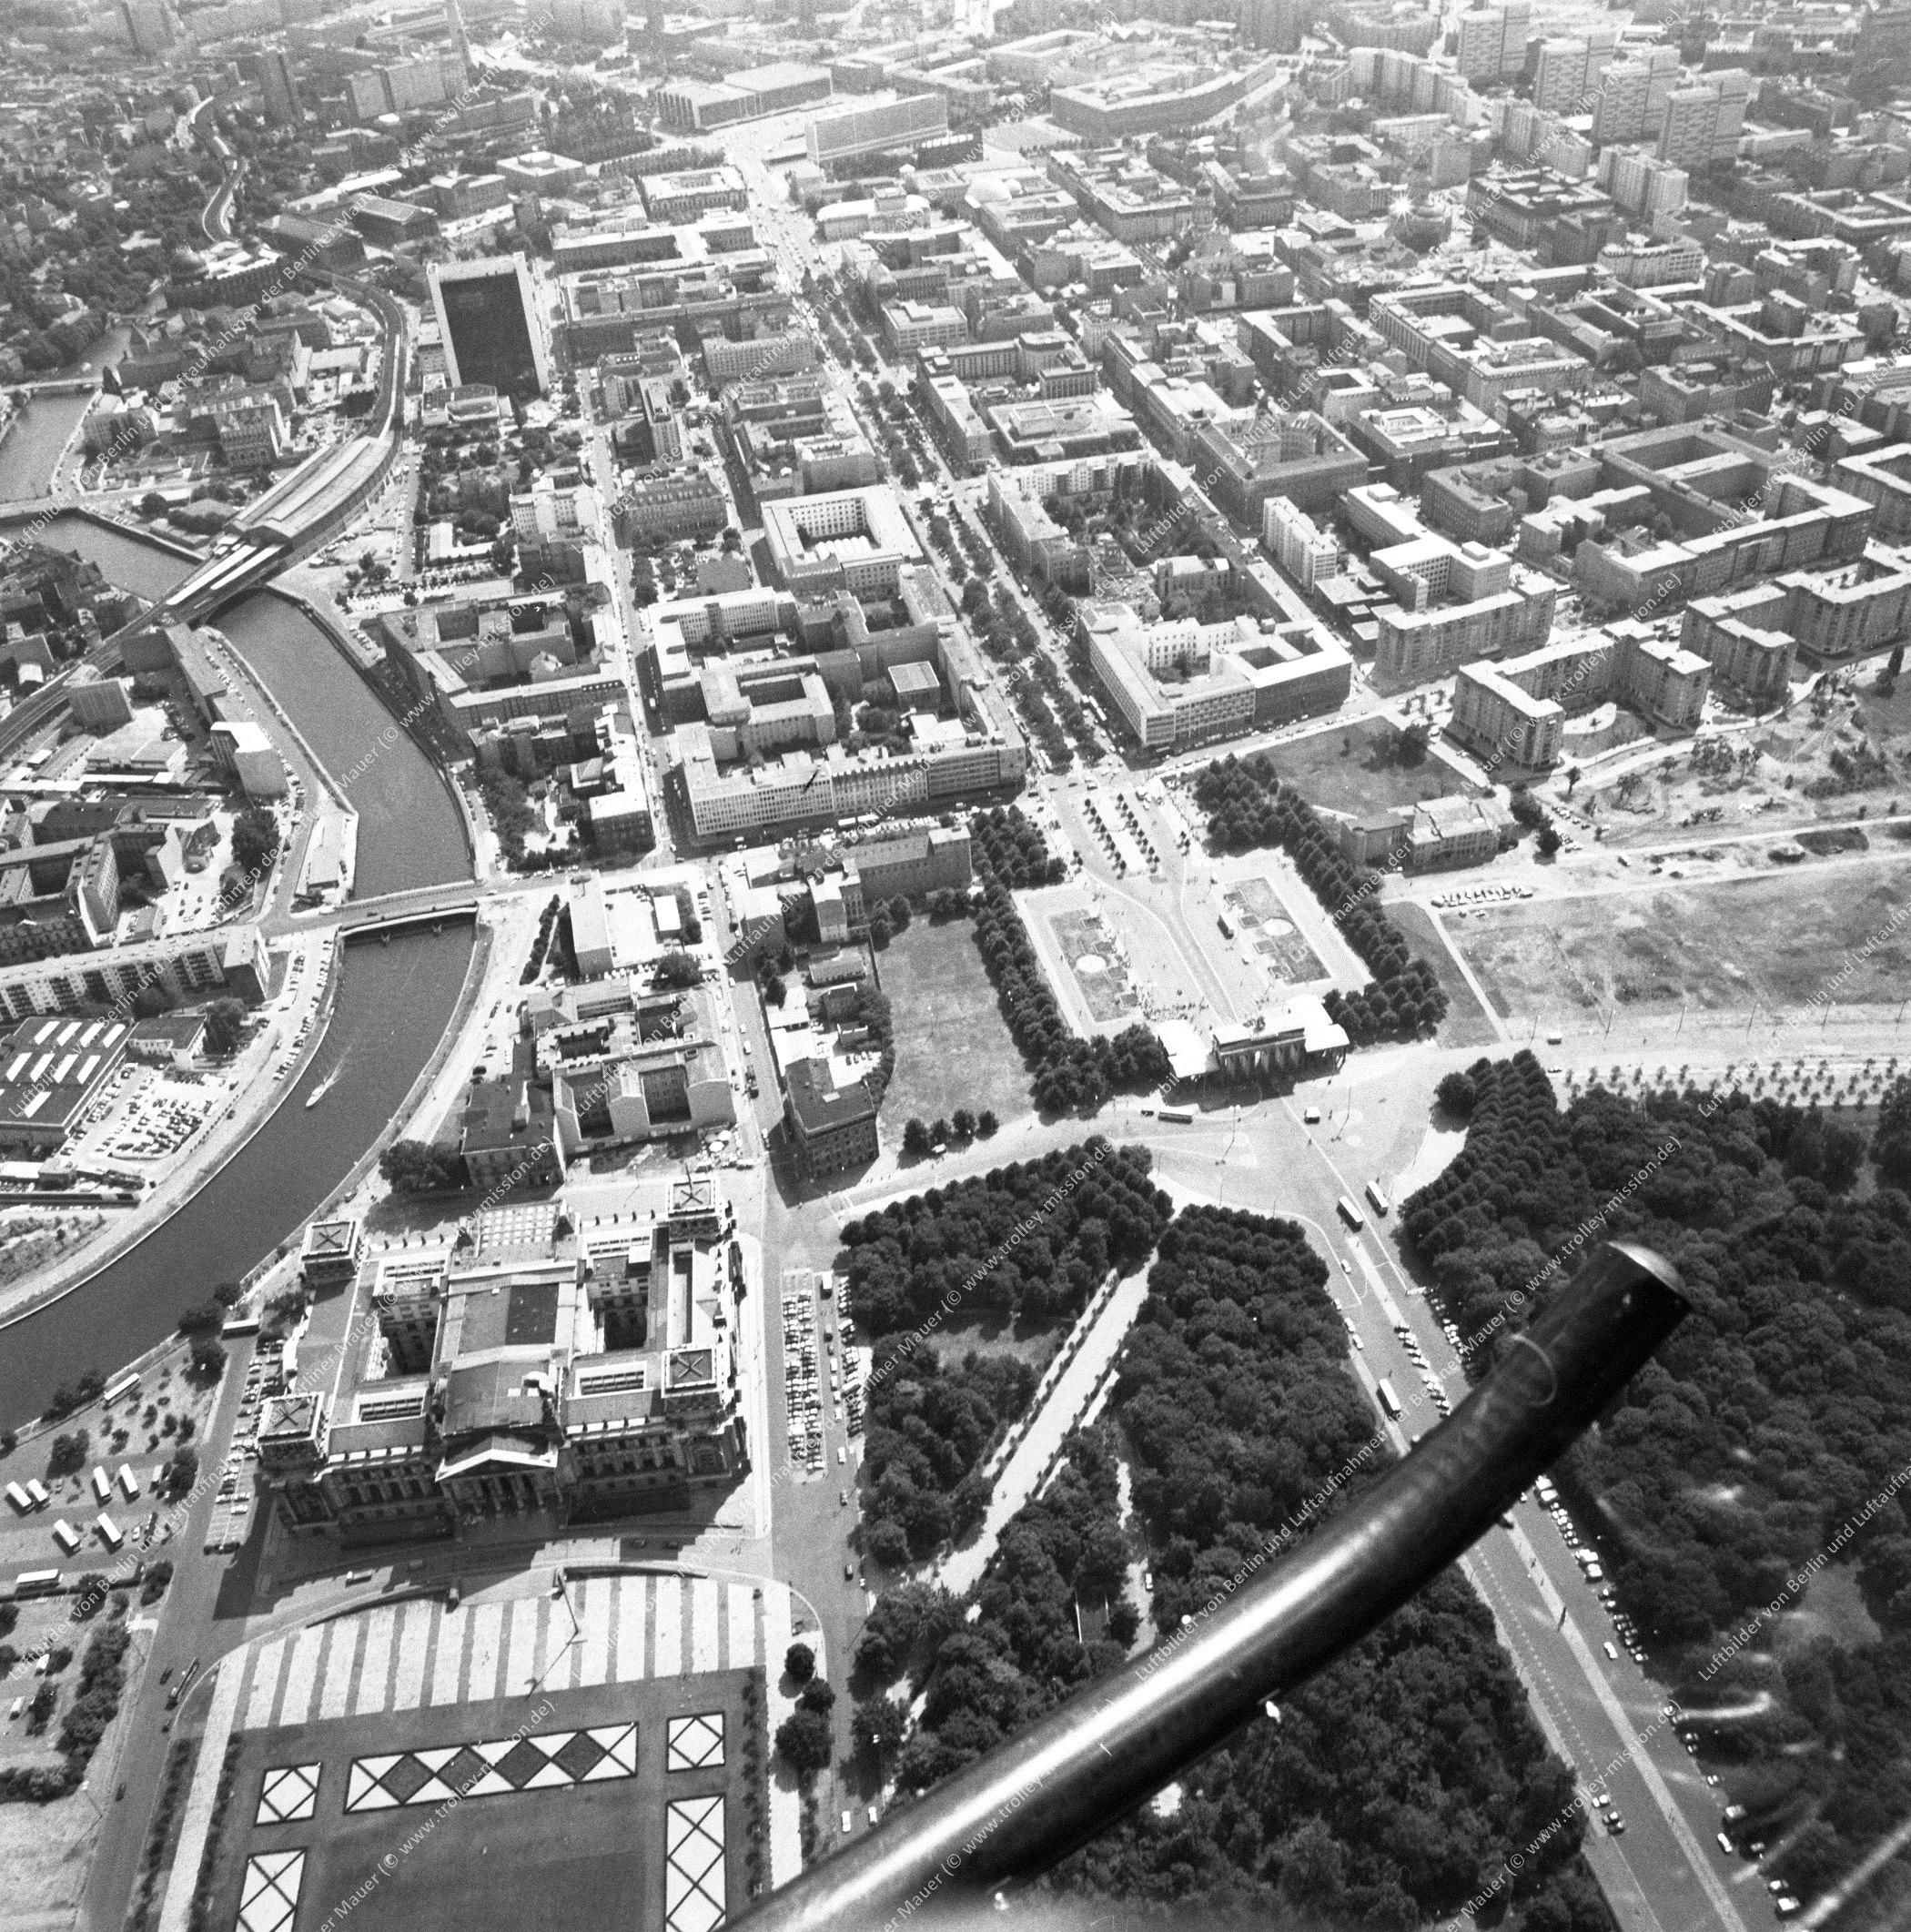 Reichstag, Brandenburger Tor und Paris Platz nach der deutschen Wiedervereinigung (Bild 126)